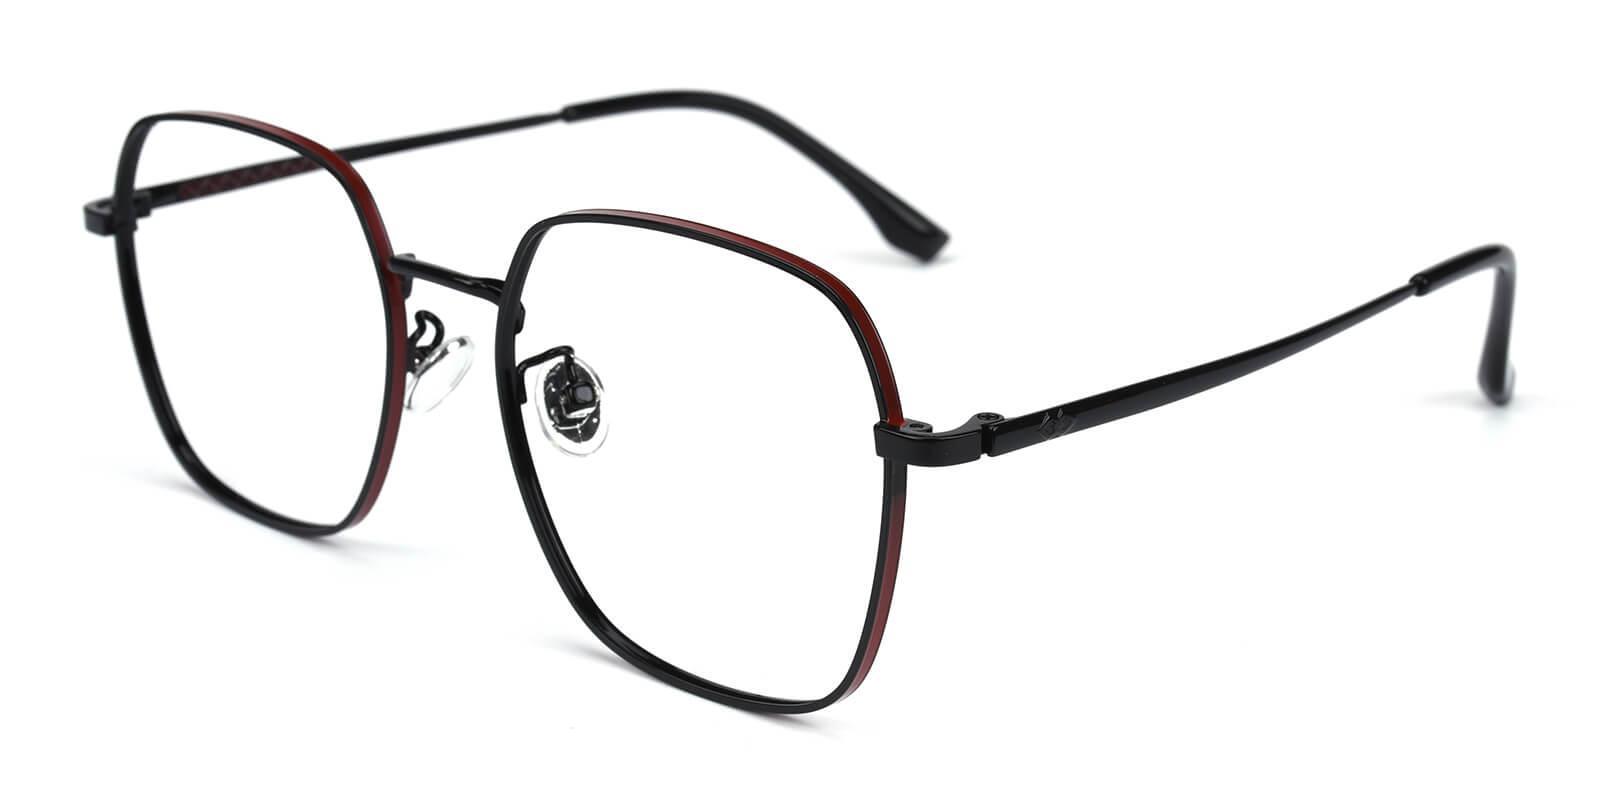 Vincoy-Black-Square-Metal-Eyeglasses-additional1